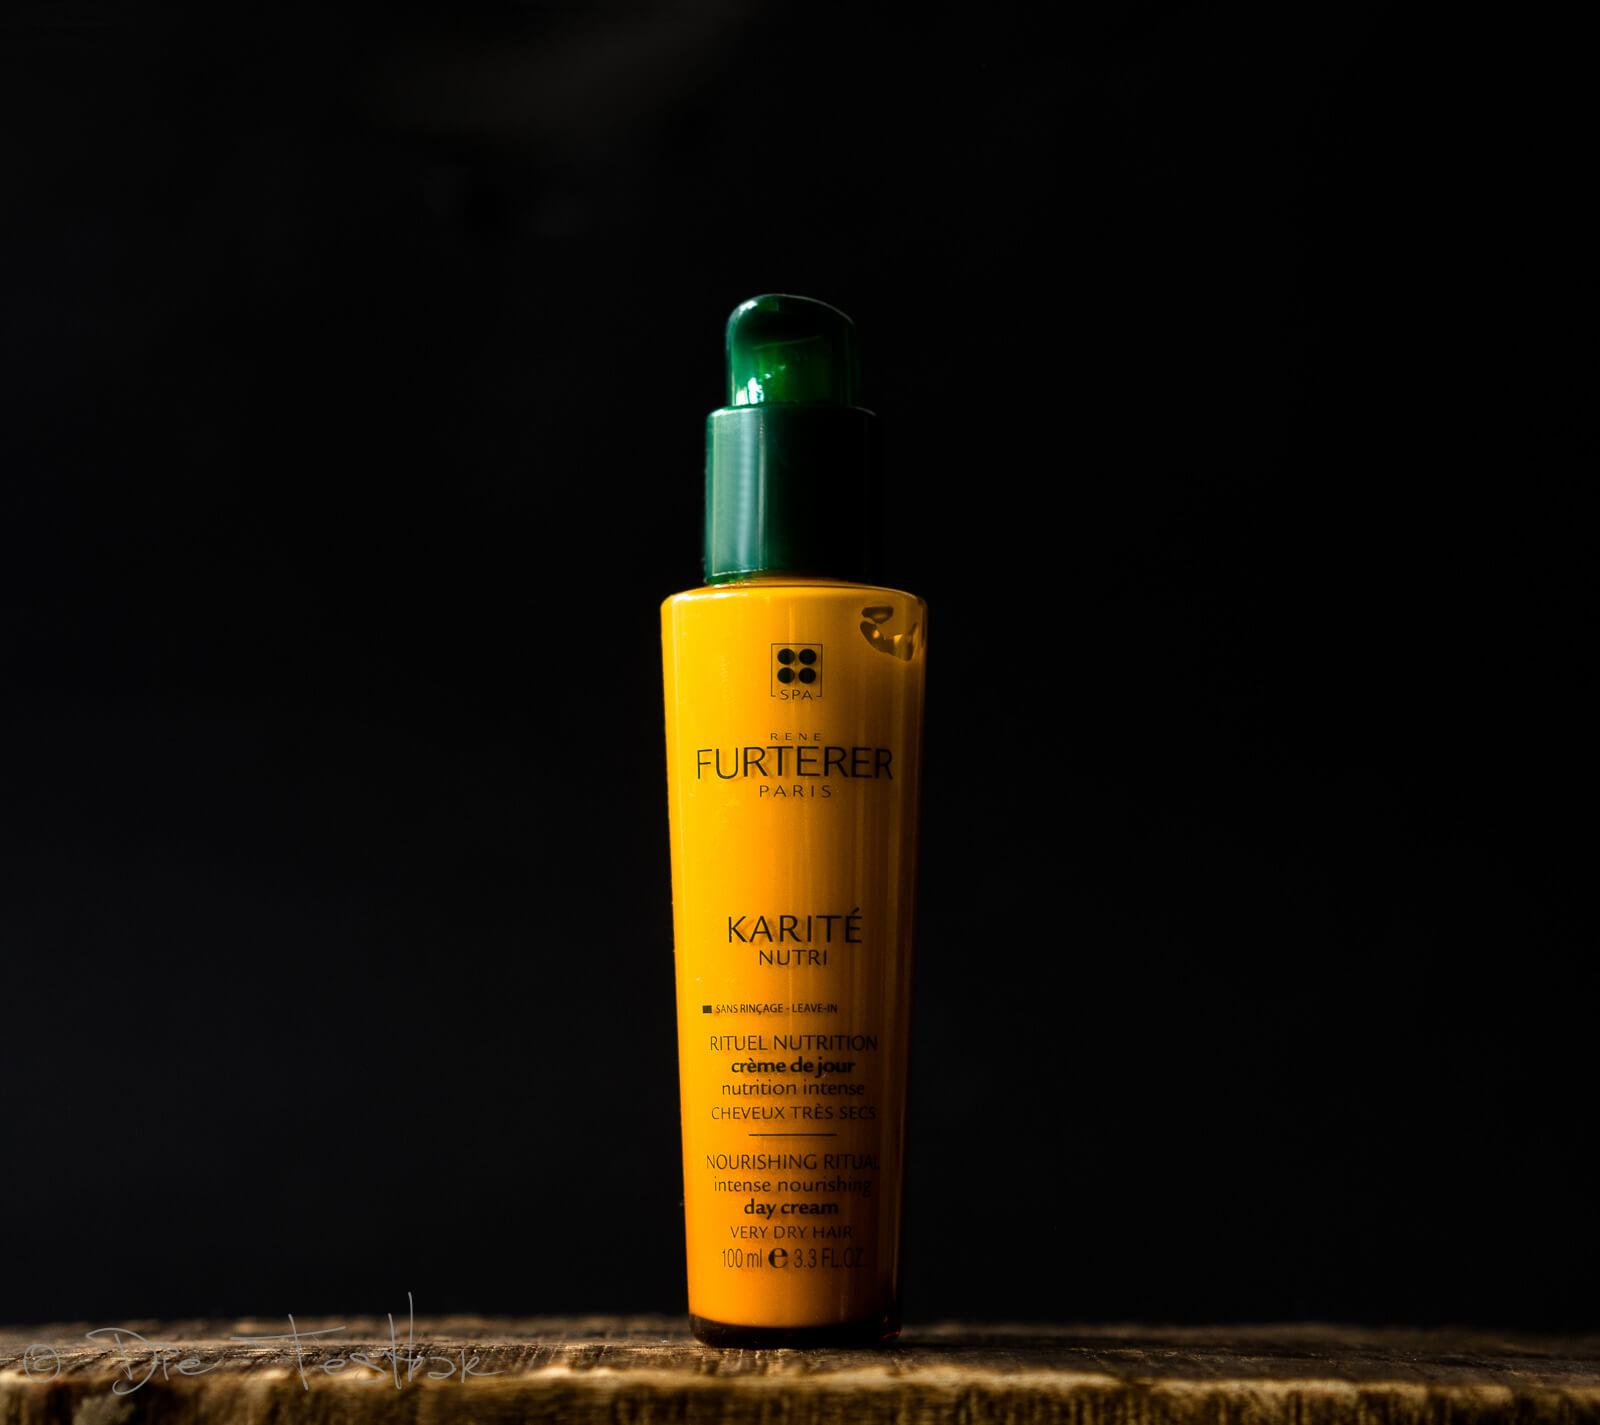 KARITE -NUTRI INTENSIV-NÄHRENDE HAARTAGESCREME für sehr trockenes Haar